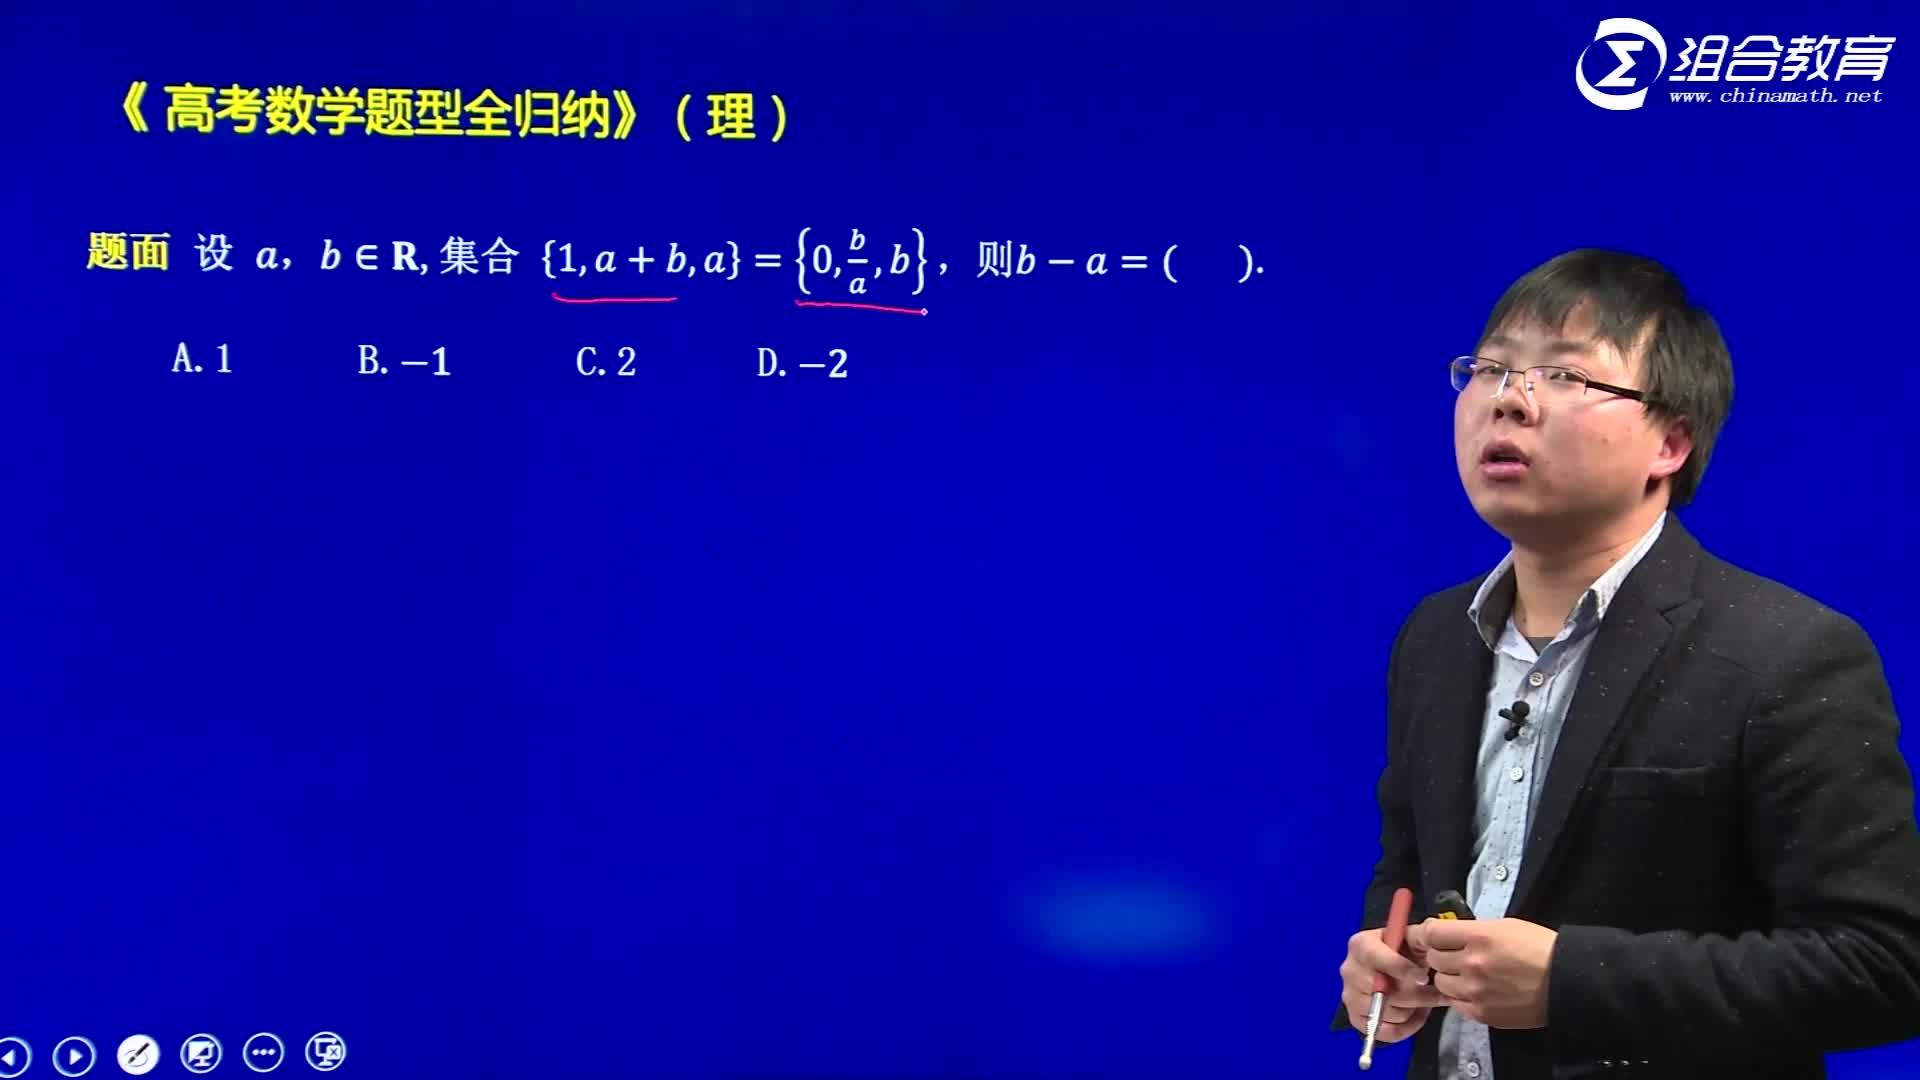 视频01 集合与常用逻辑用语(一)-【洞穿高考】2020版高考理科数学题型全归纳